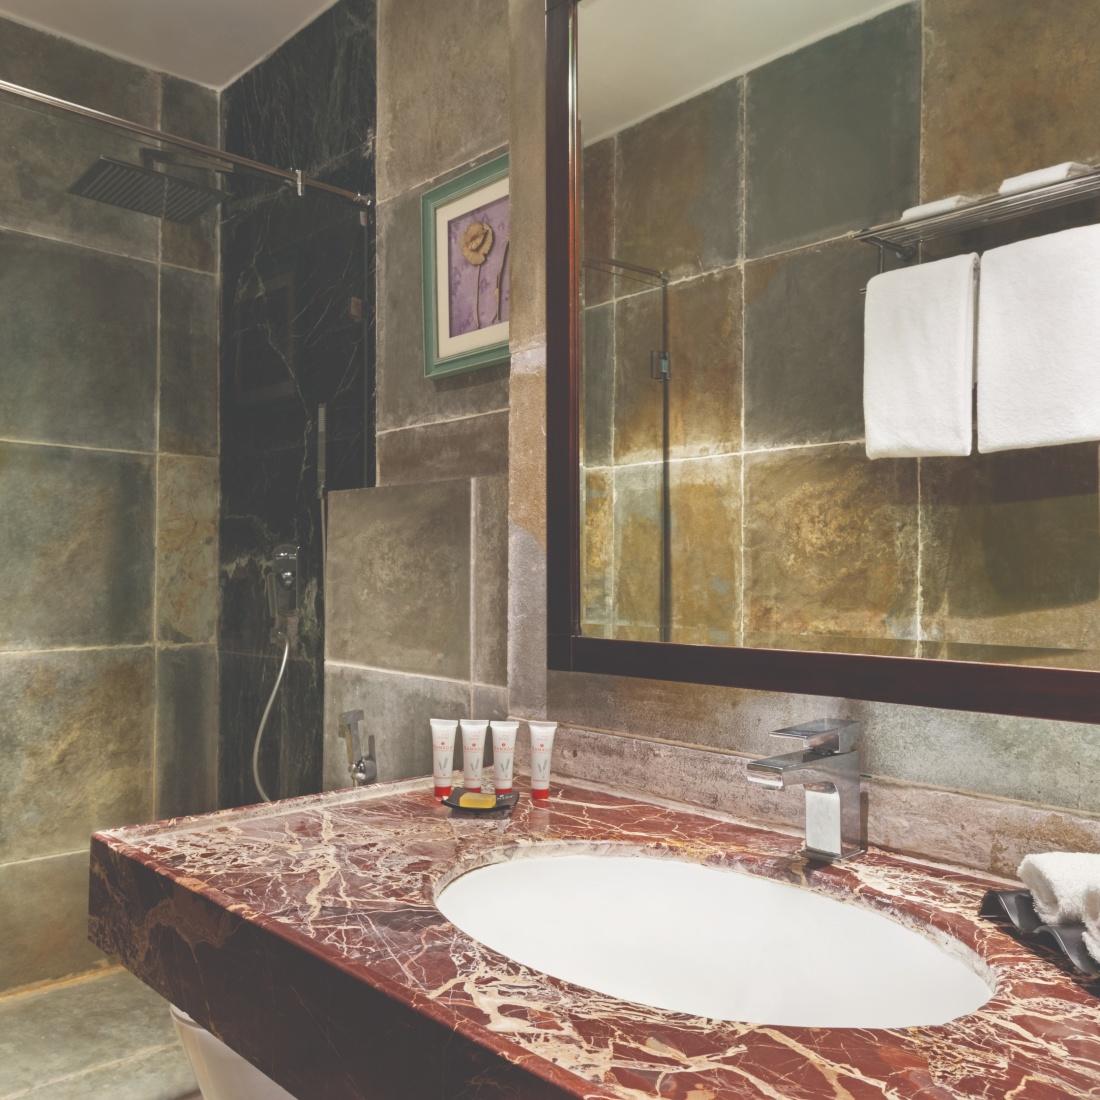 superior room at Raajsa Resort Kumbhalgarh 2